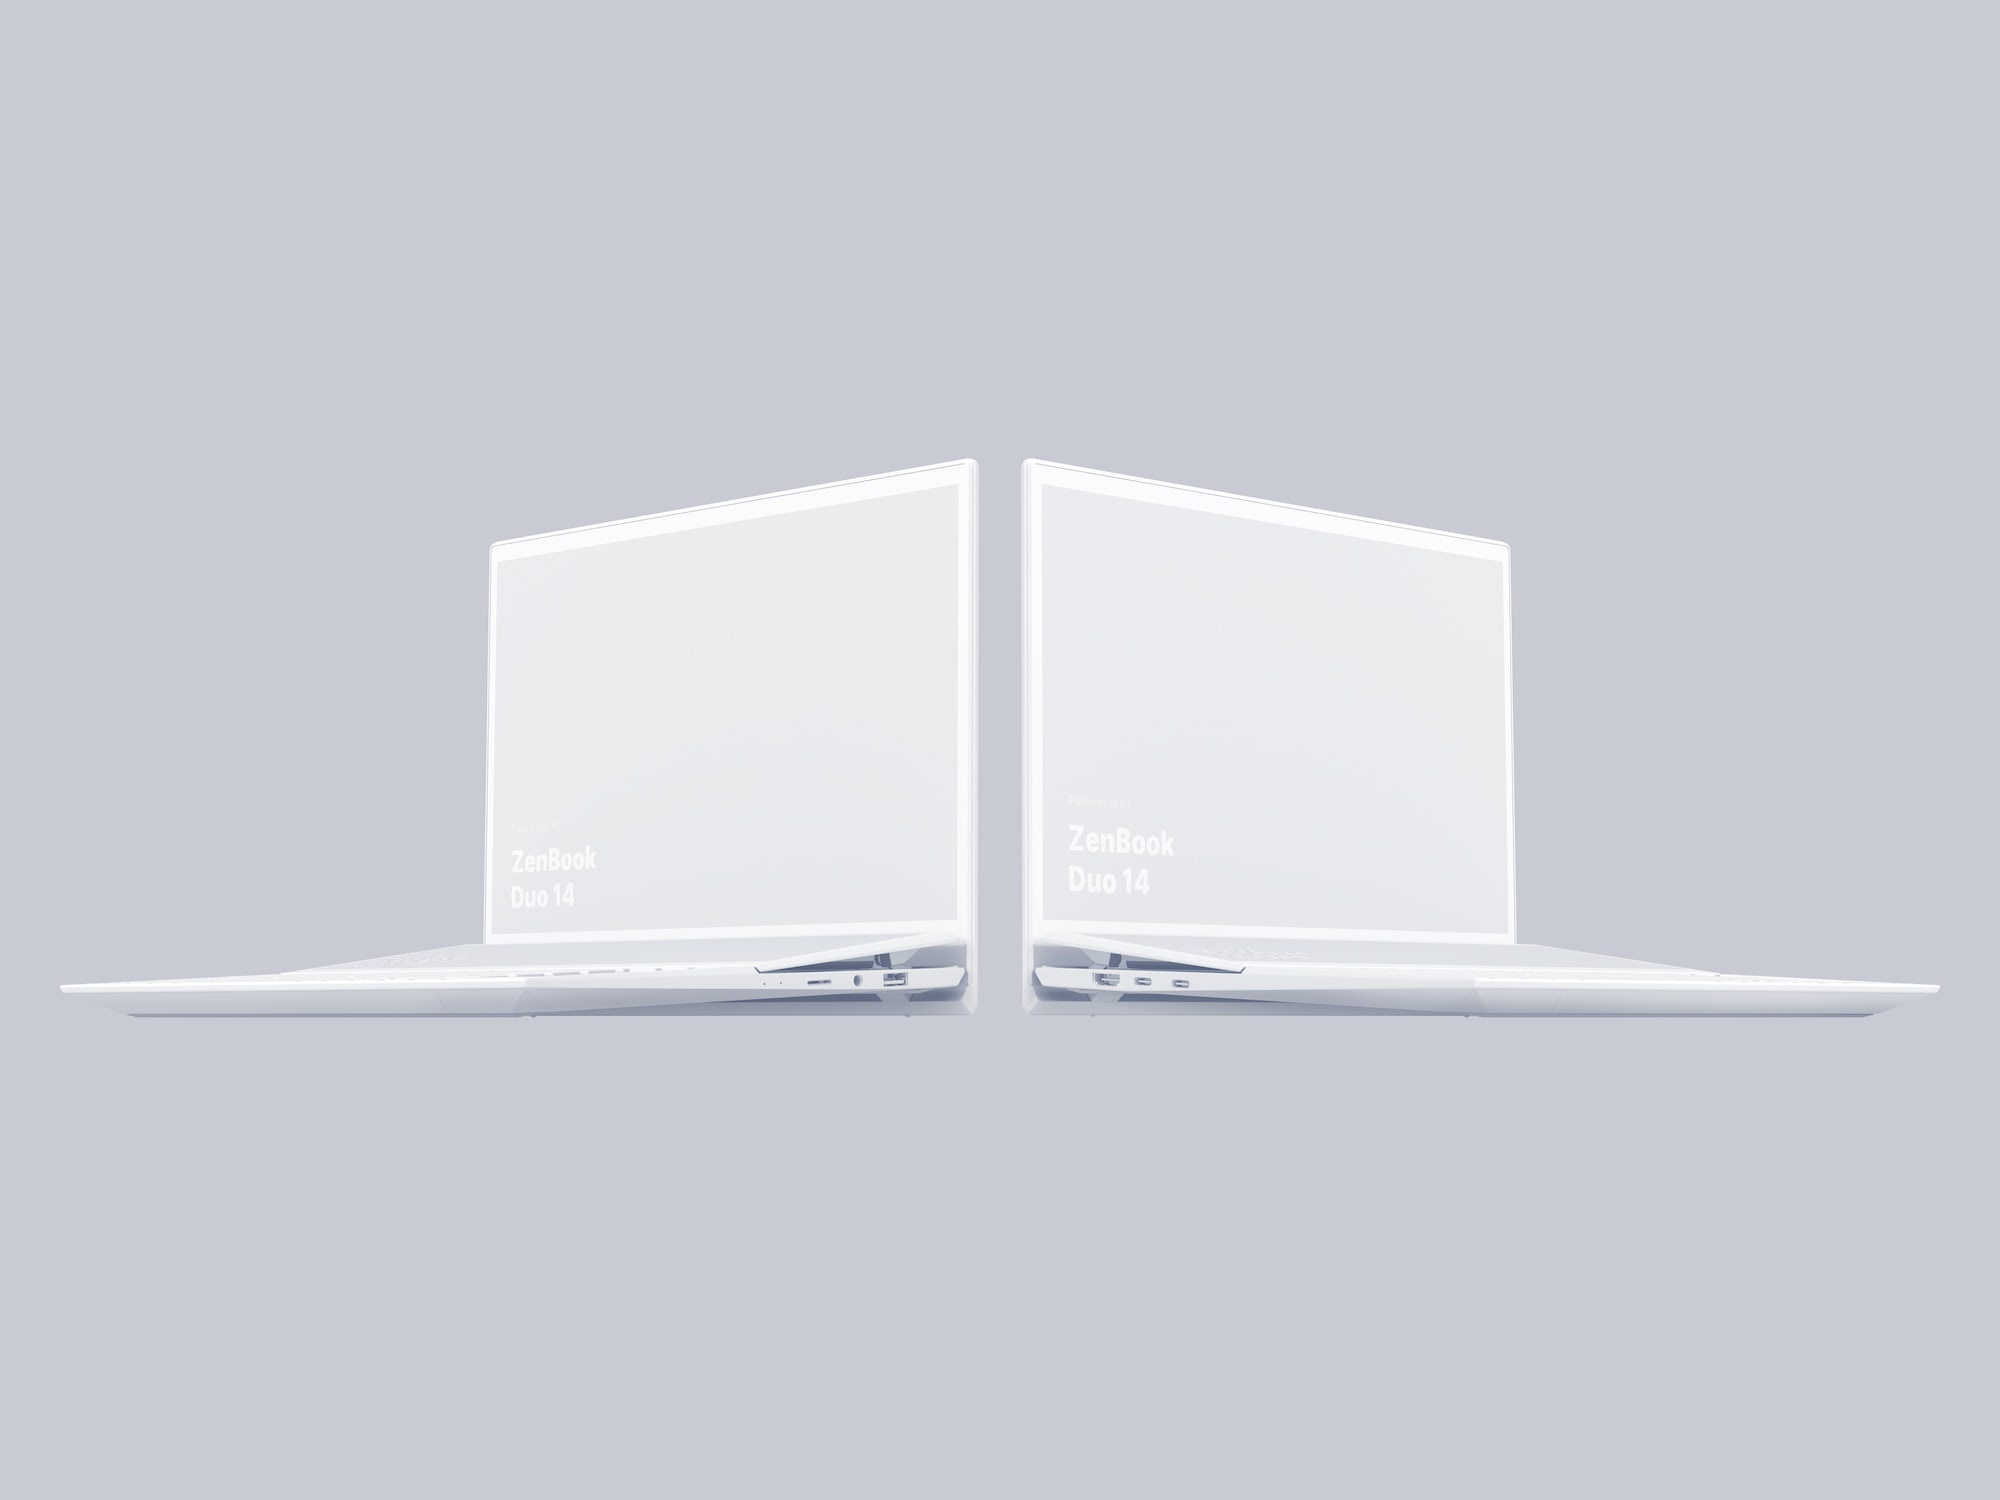 Zenbook Duo 14 Clay Mockups